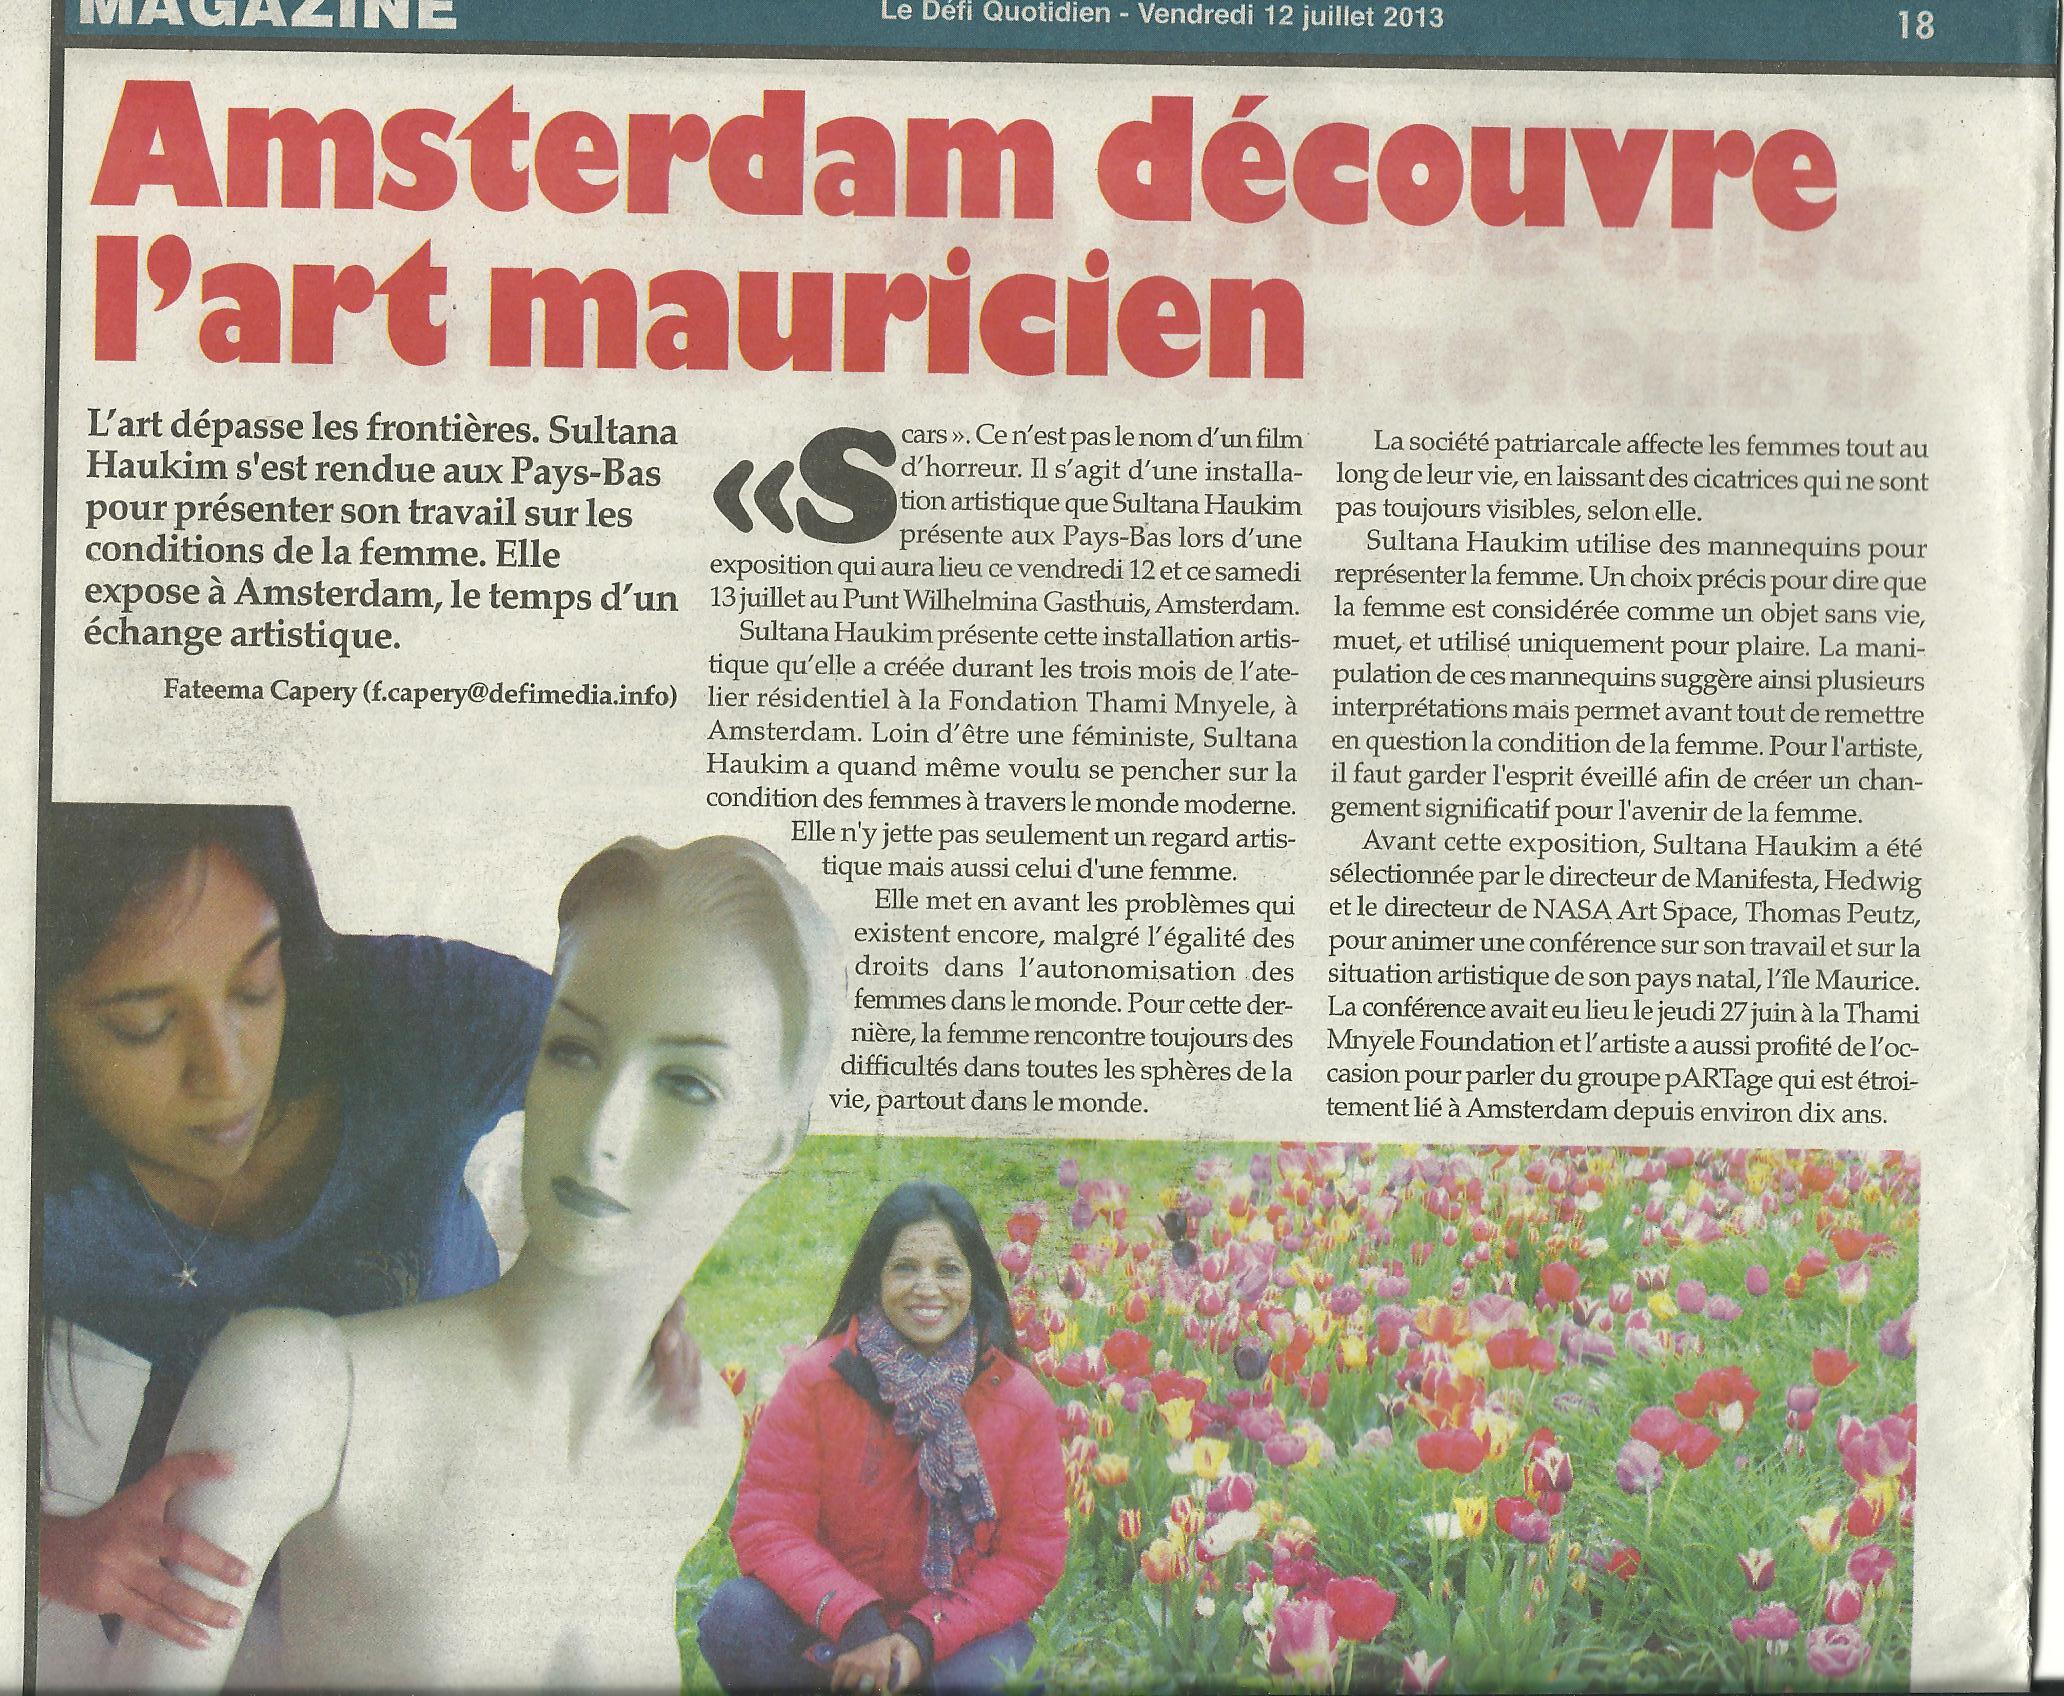 Le Defi Quodidien, 12 July 2013